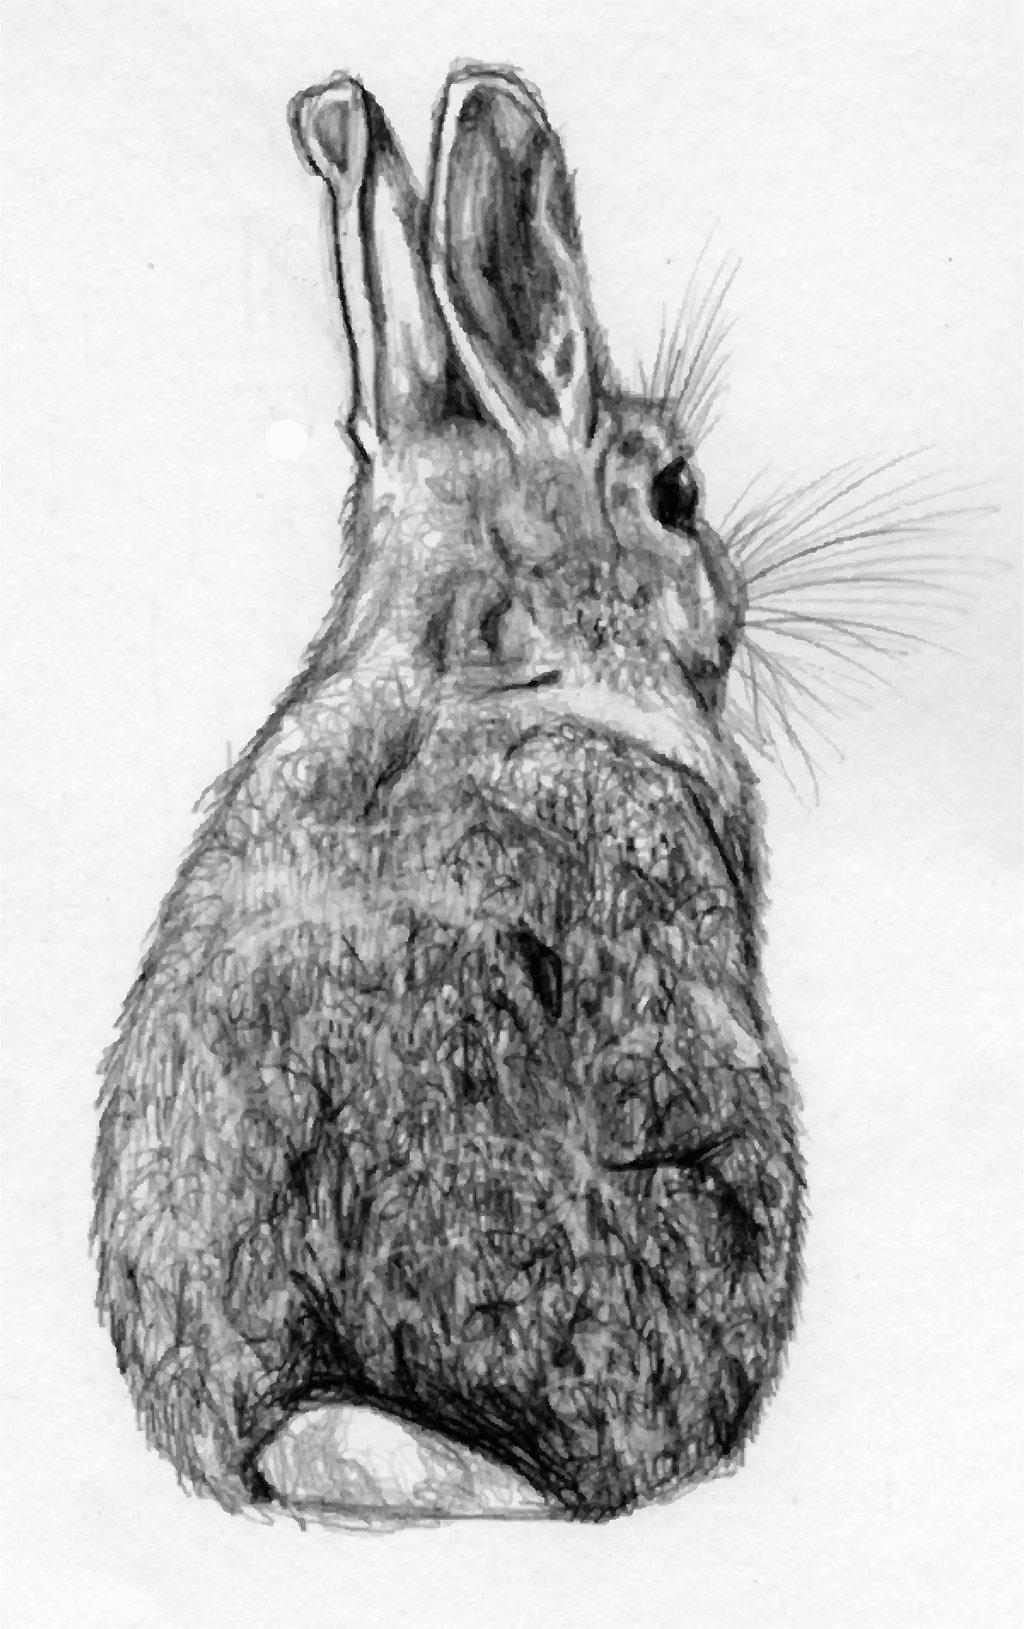 Drawn rabbit pencil Search sketch @M Google Rachel